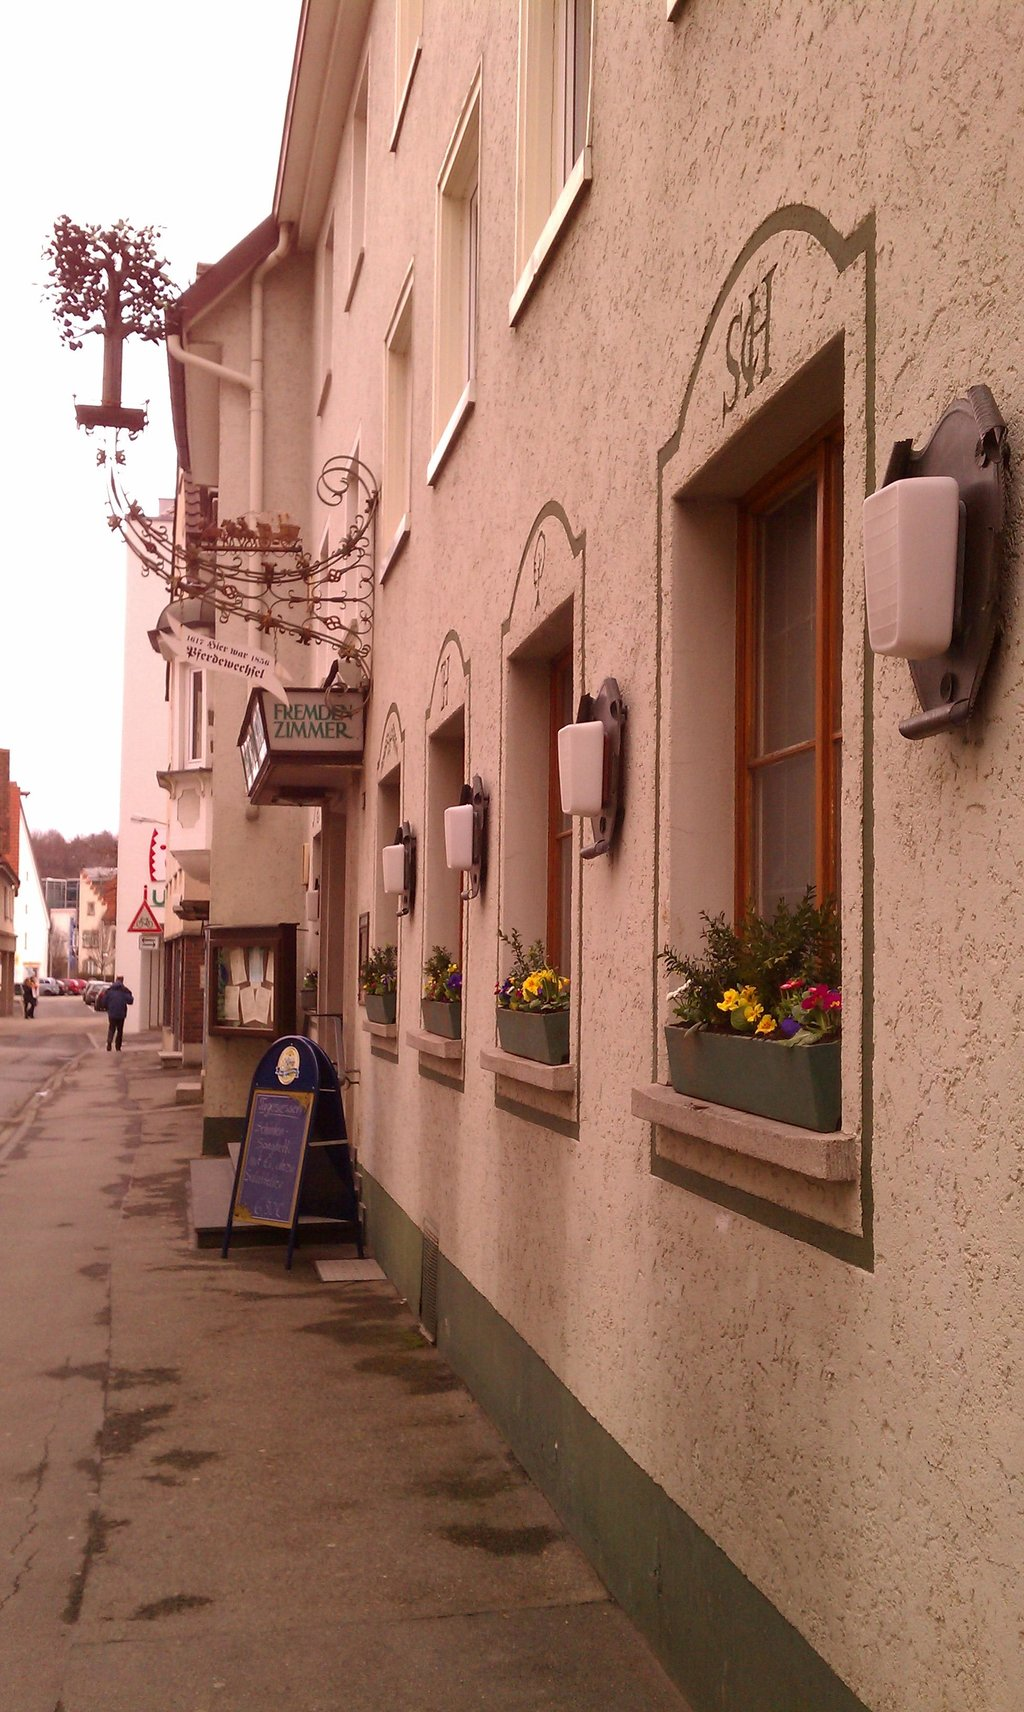 Gruener Baum Brauereigasthof